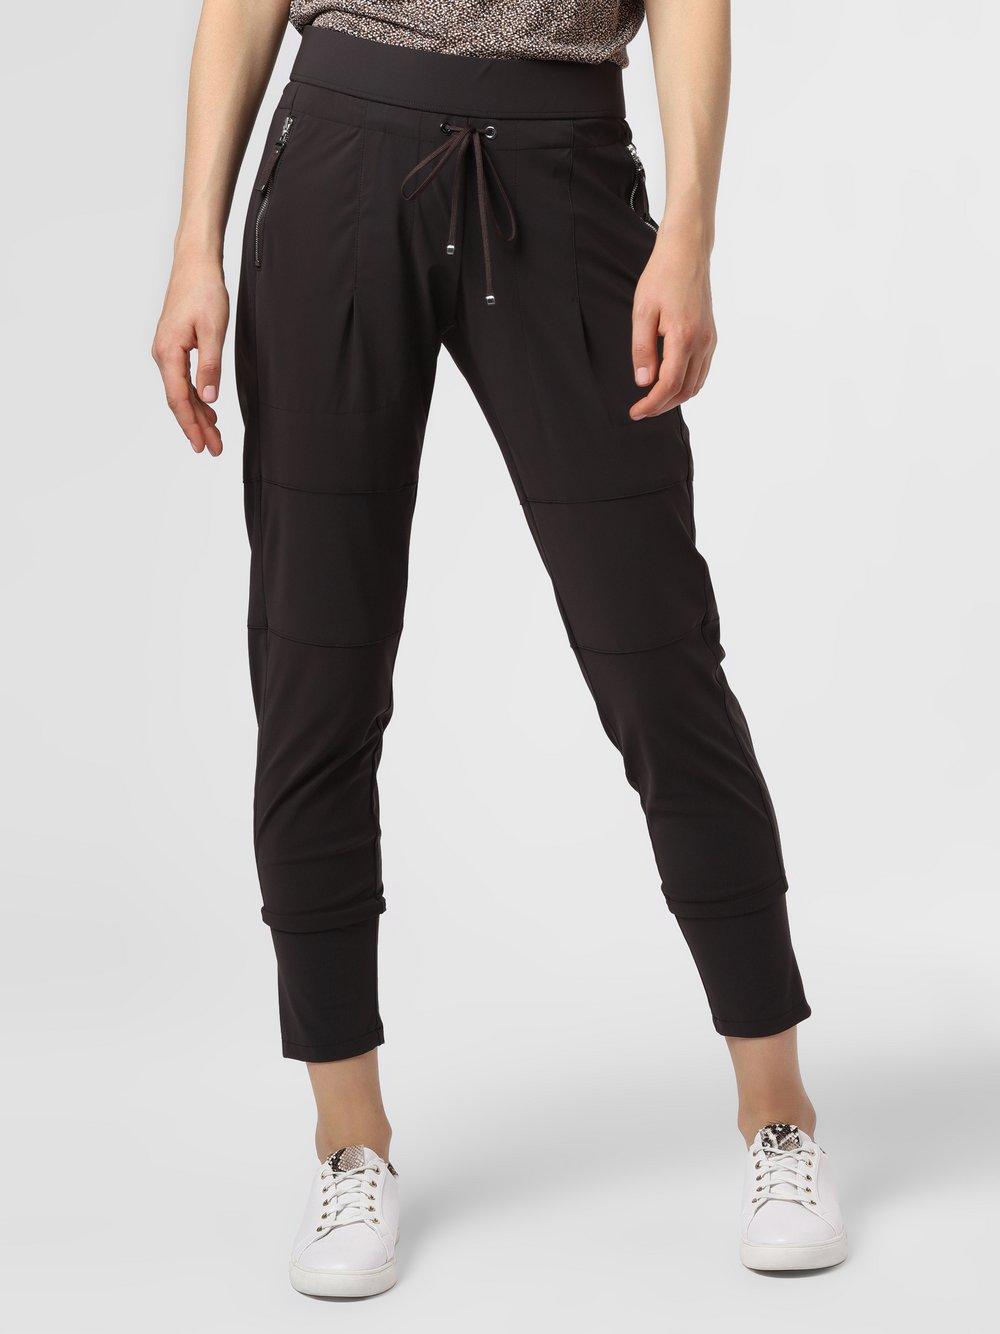 RAFFAELLO ROSSI – Spodnie damskie – Candy, brązowy Van Graaf 483795-0001-00360